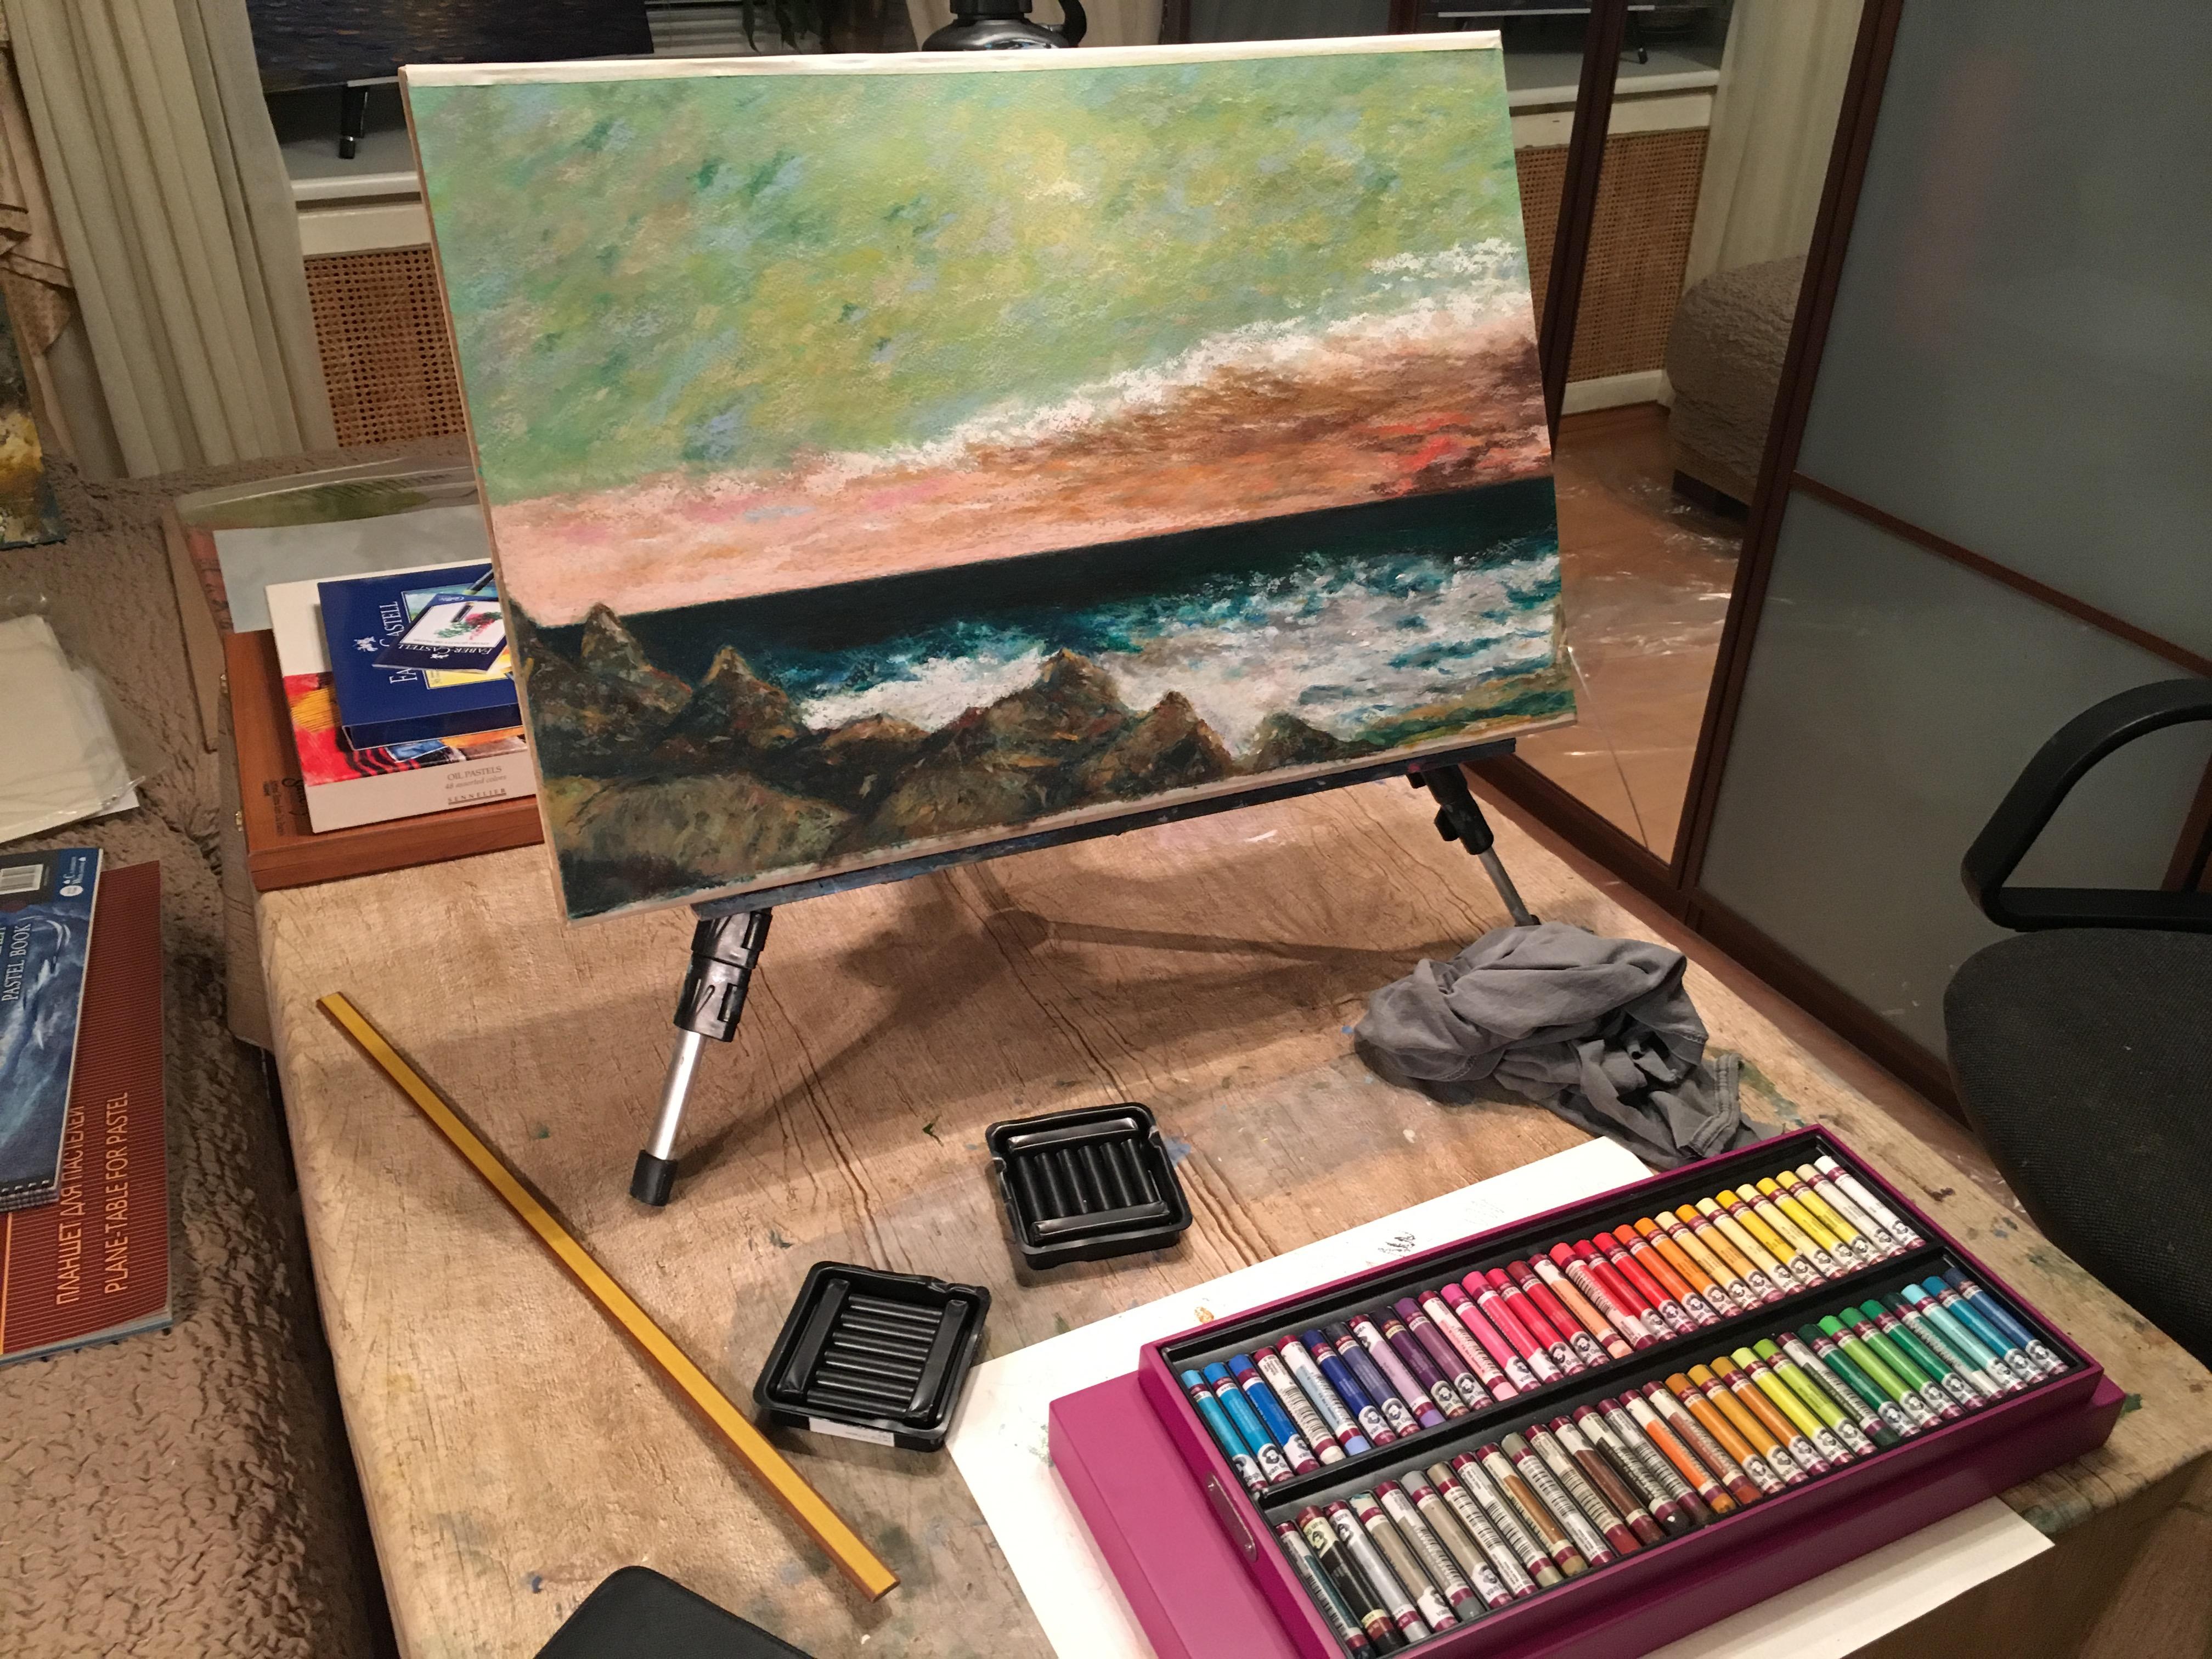 Художник Альберт Сафиуллин картина Средиземное море пастель пейзажи природы